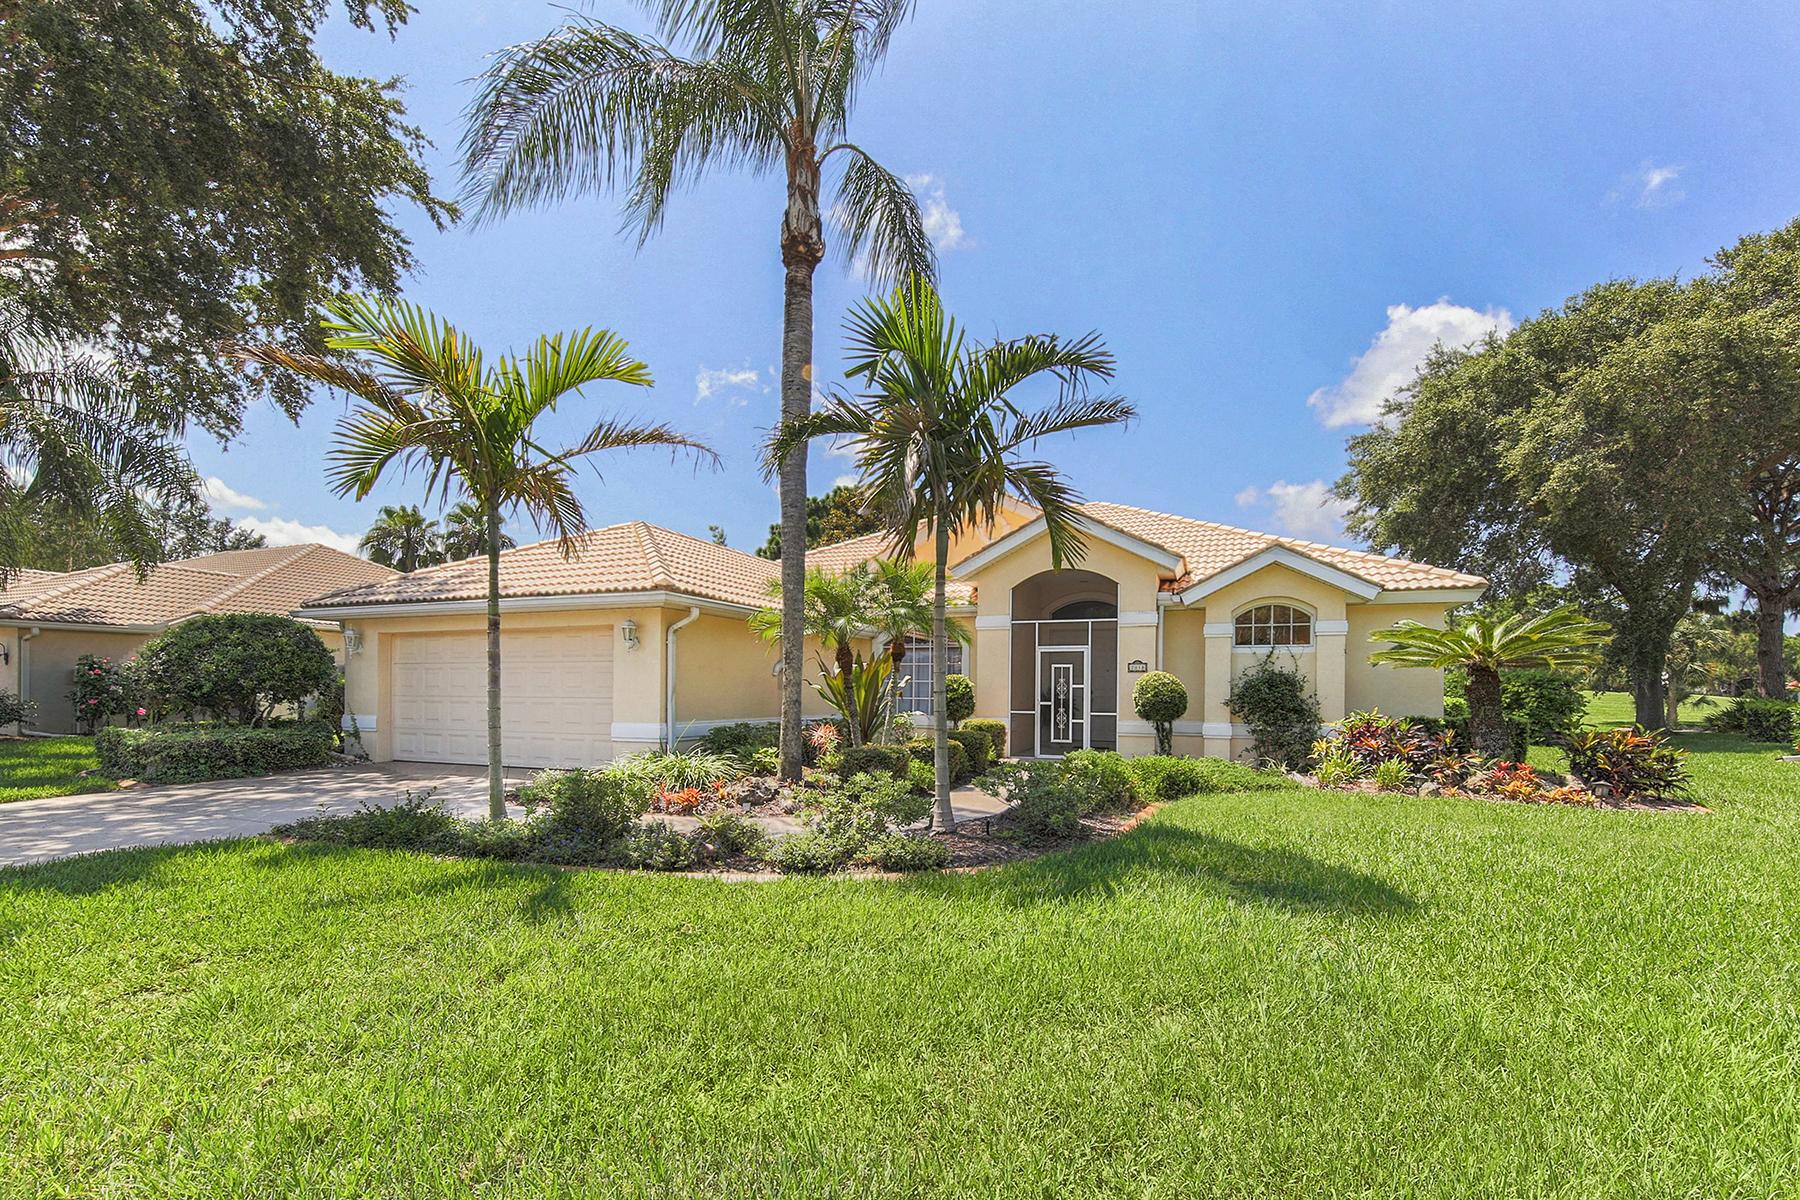 Частный односемейный дом для того Продажа на CALUSA LAKES 2018 White Feather Ln Nokomis, Флорида, 34275 Соединенные Штаты